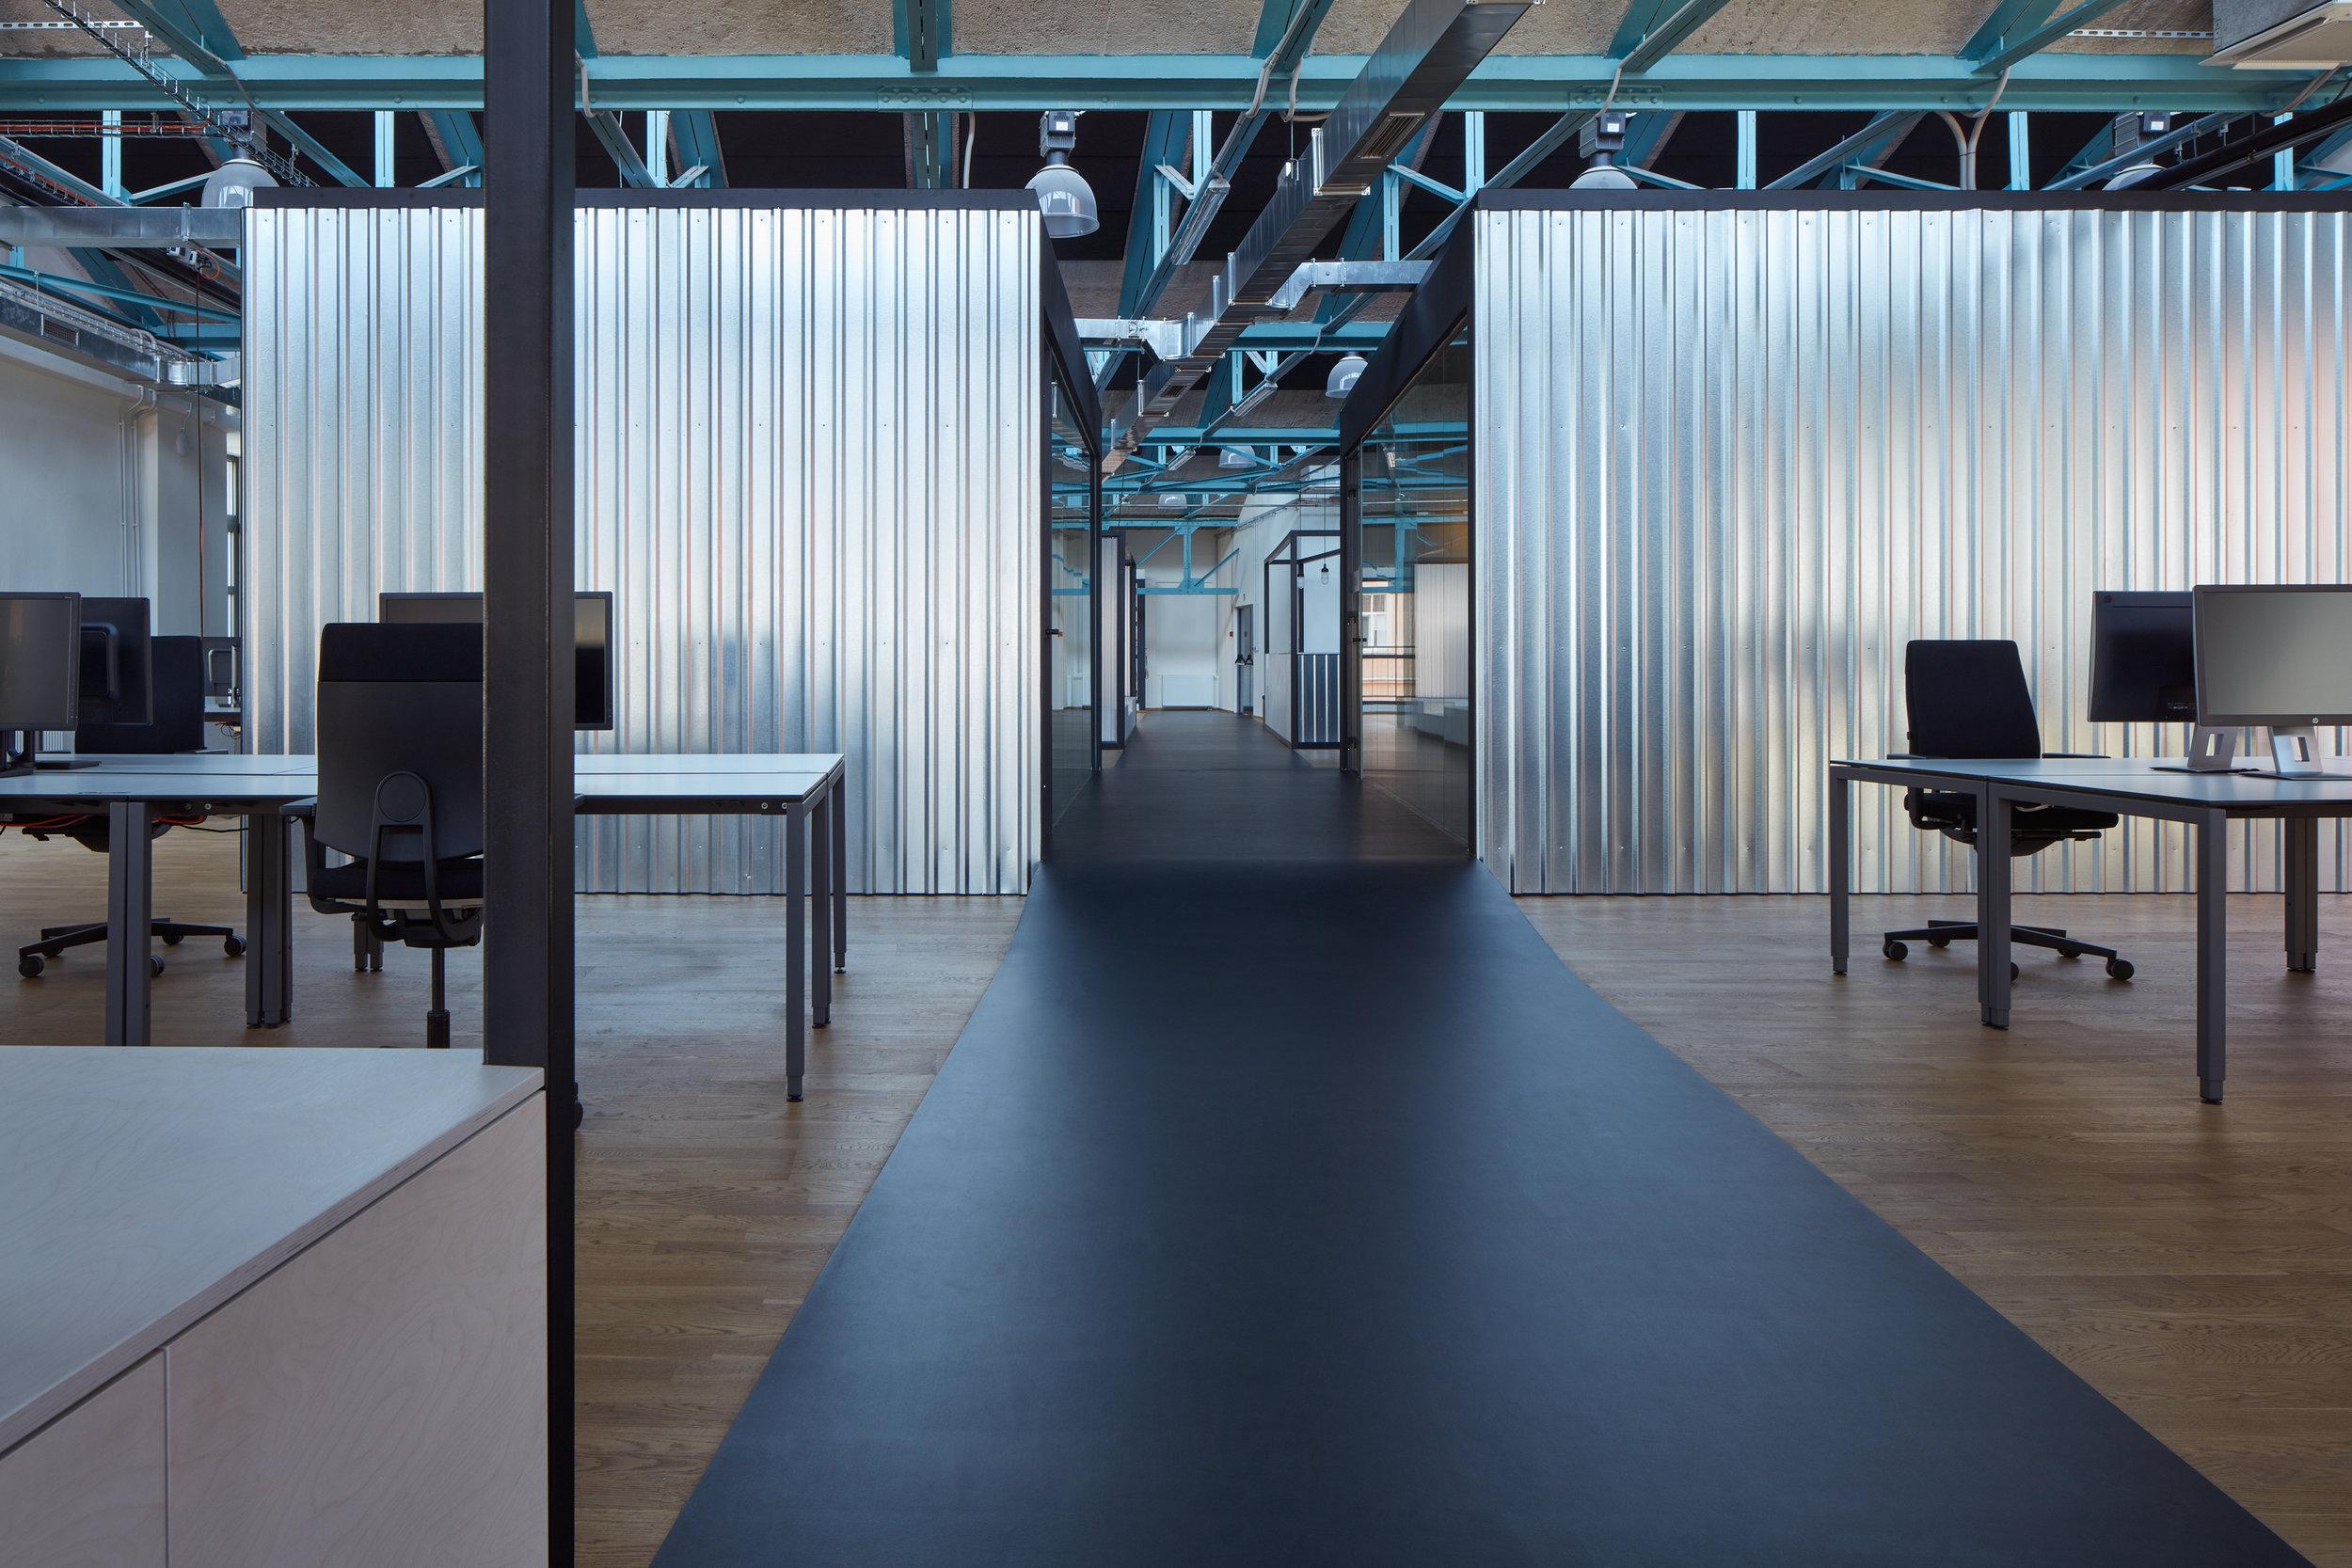 Kurz_architekti_SinnerSchrader_offices_BoysPlayNice_29.jpg